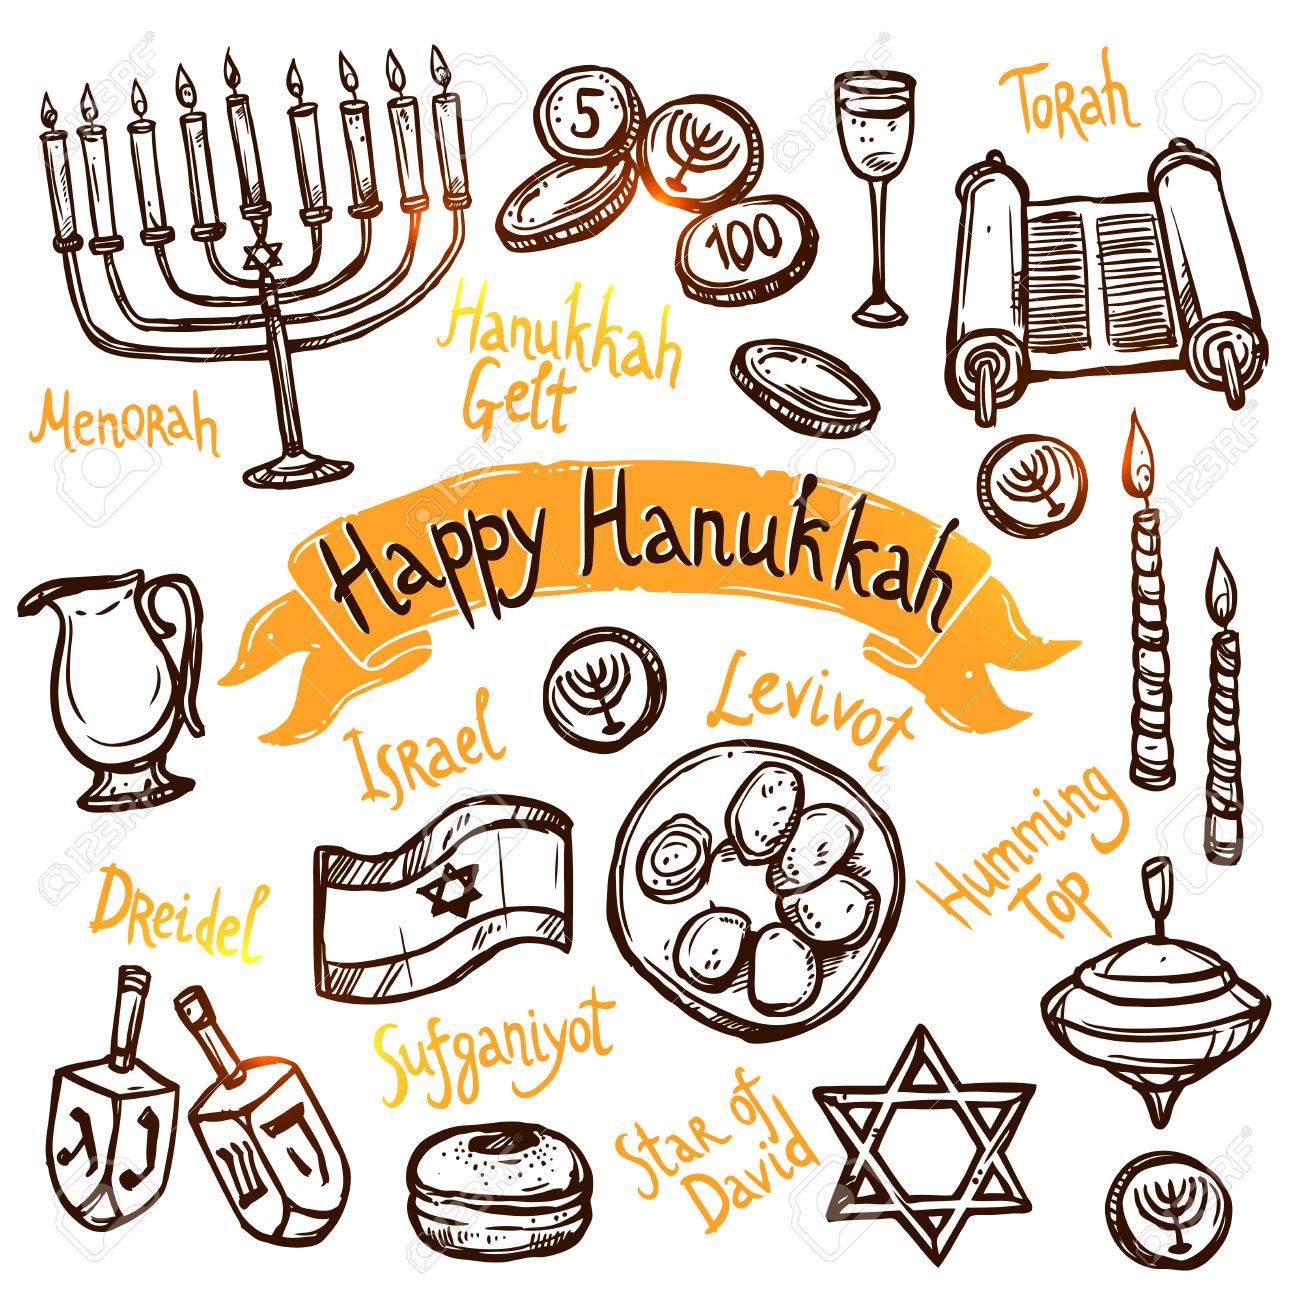 Hanukkah Traditional Jewish Holiday Doodle Symbols Set Isolated